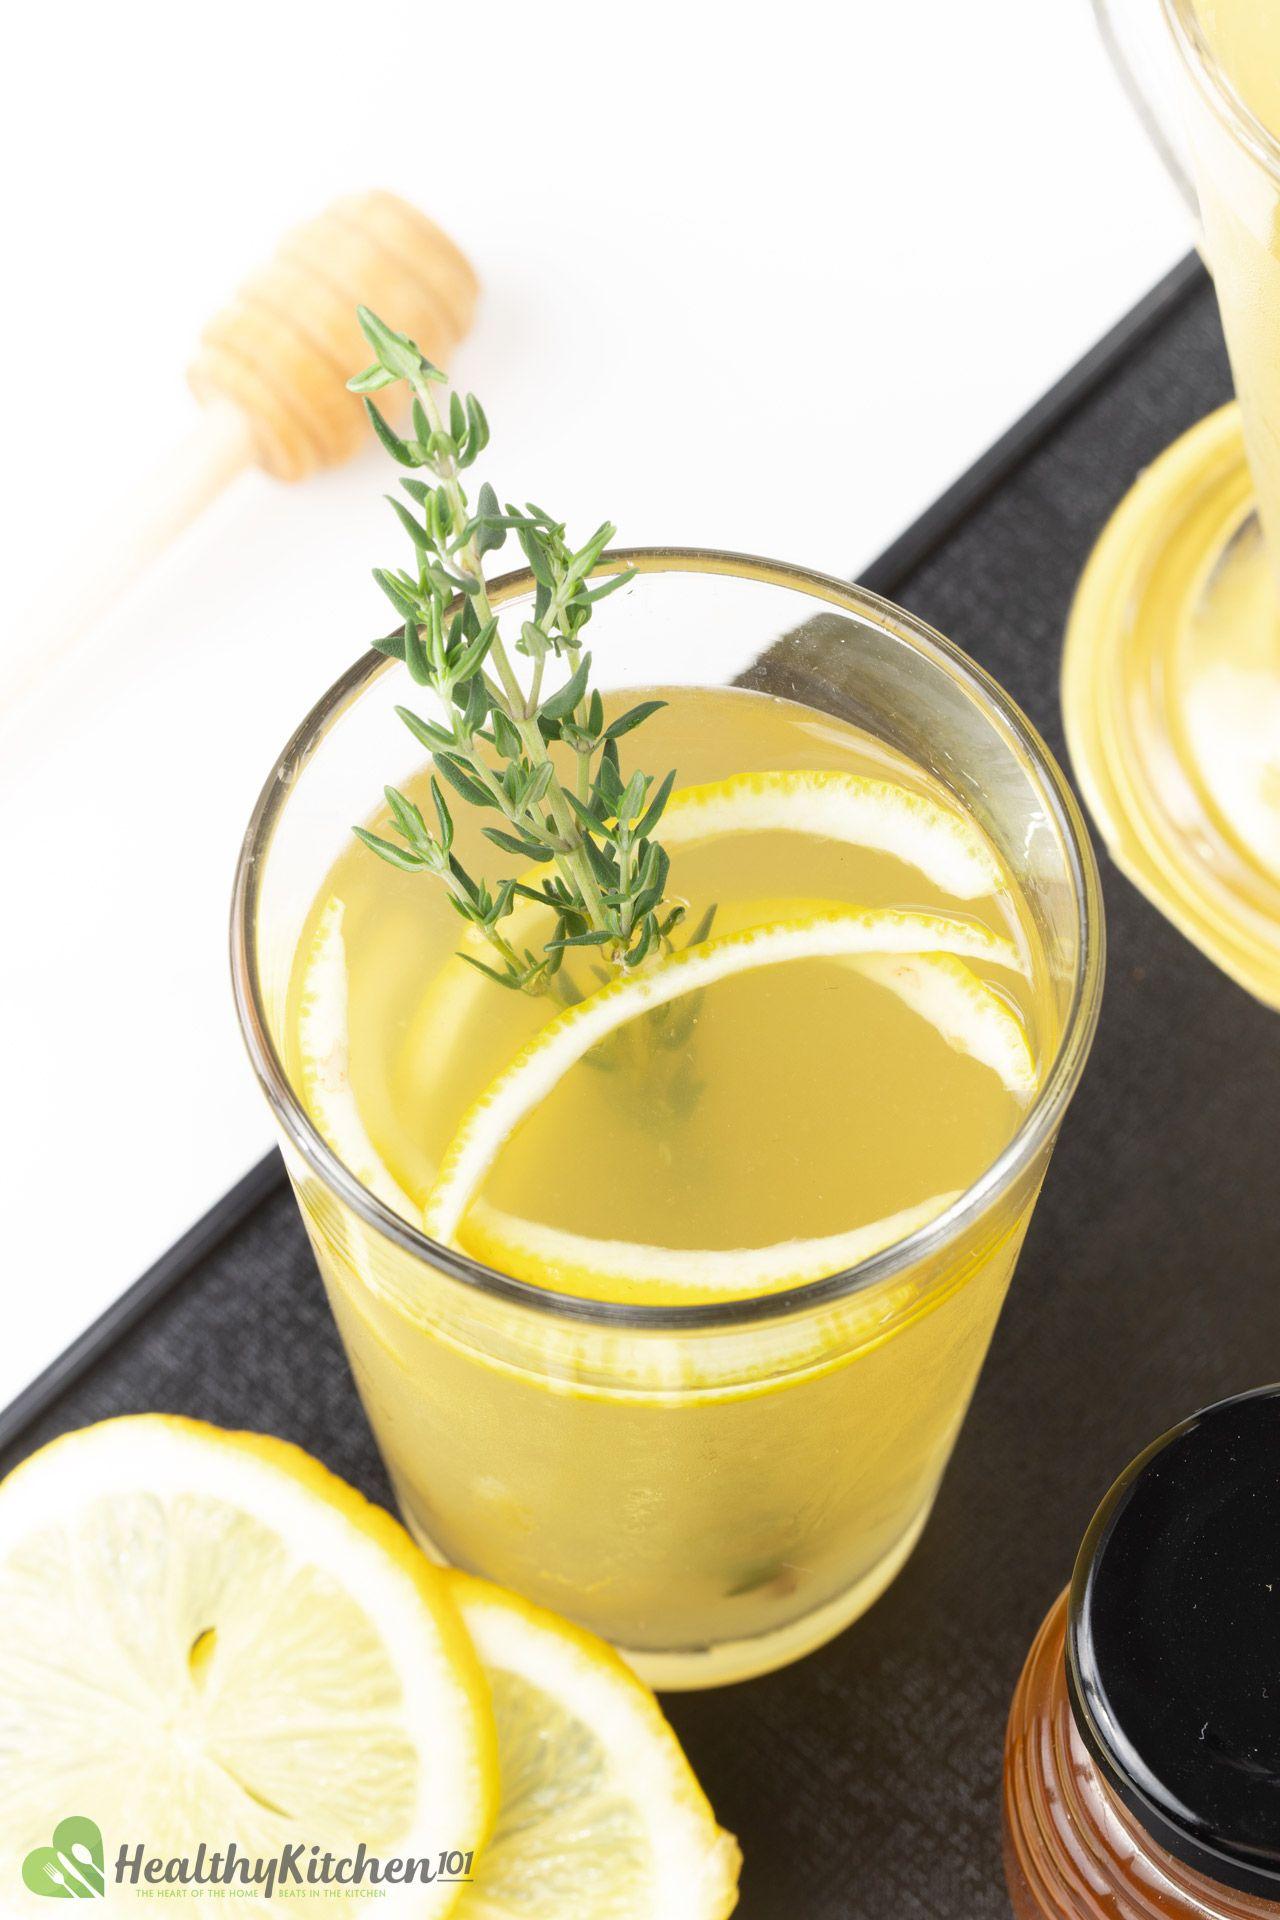 how to pick juicy lemons